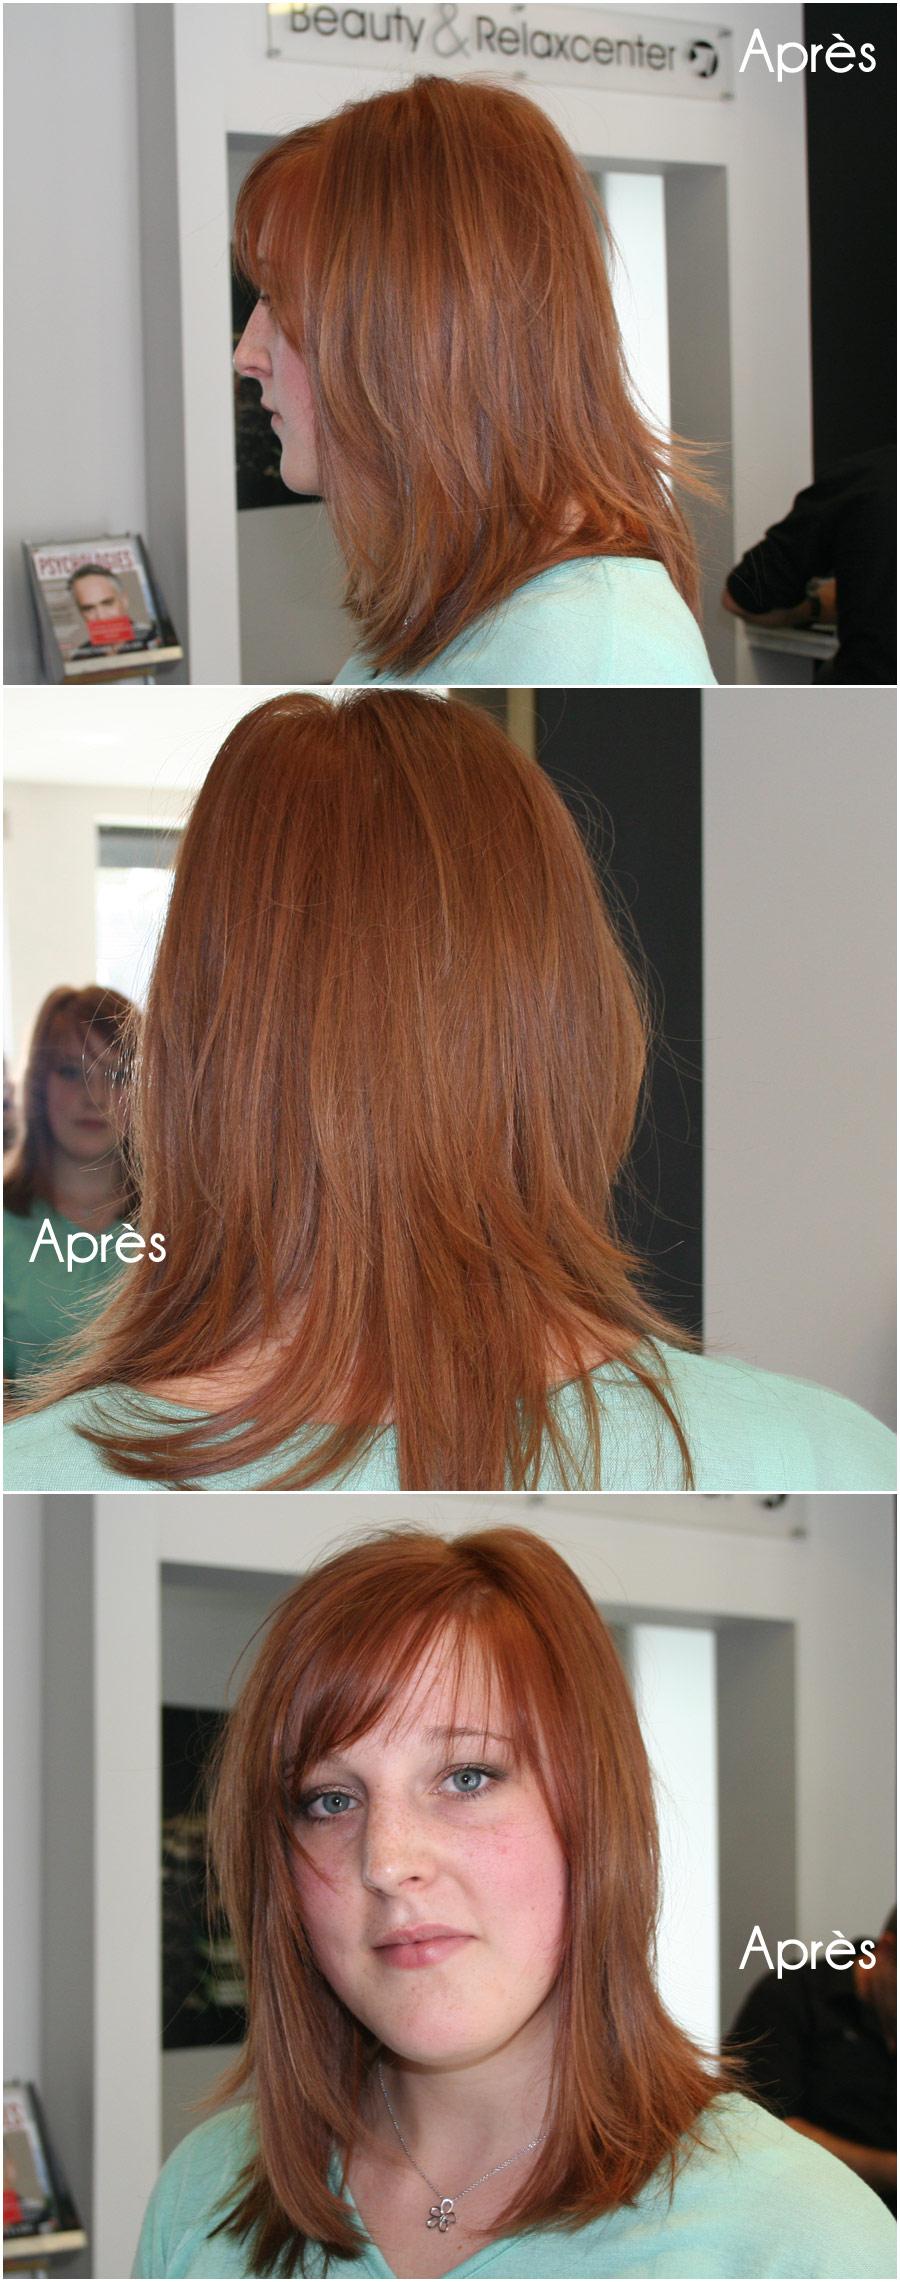 chromatics aprs - Coloration Maison Rousse